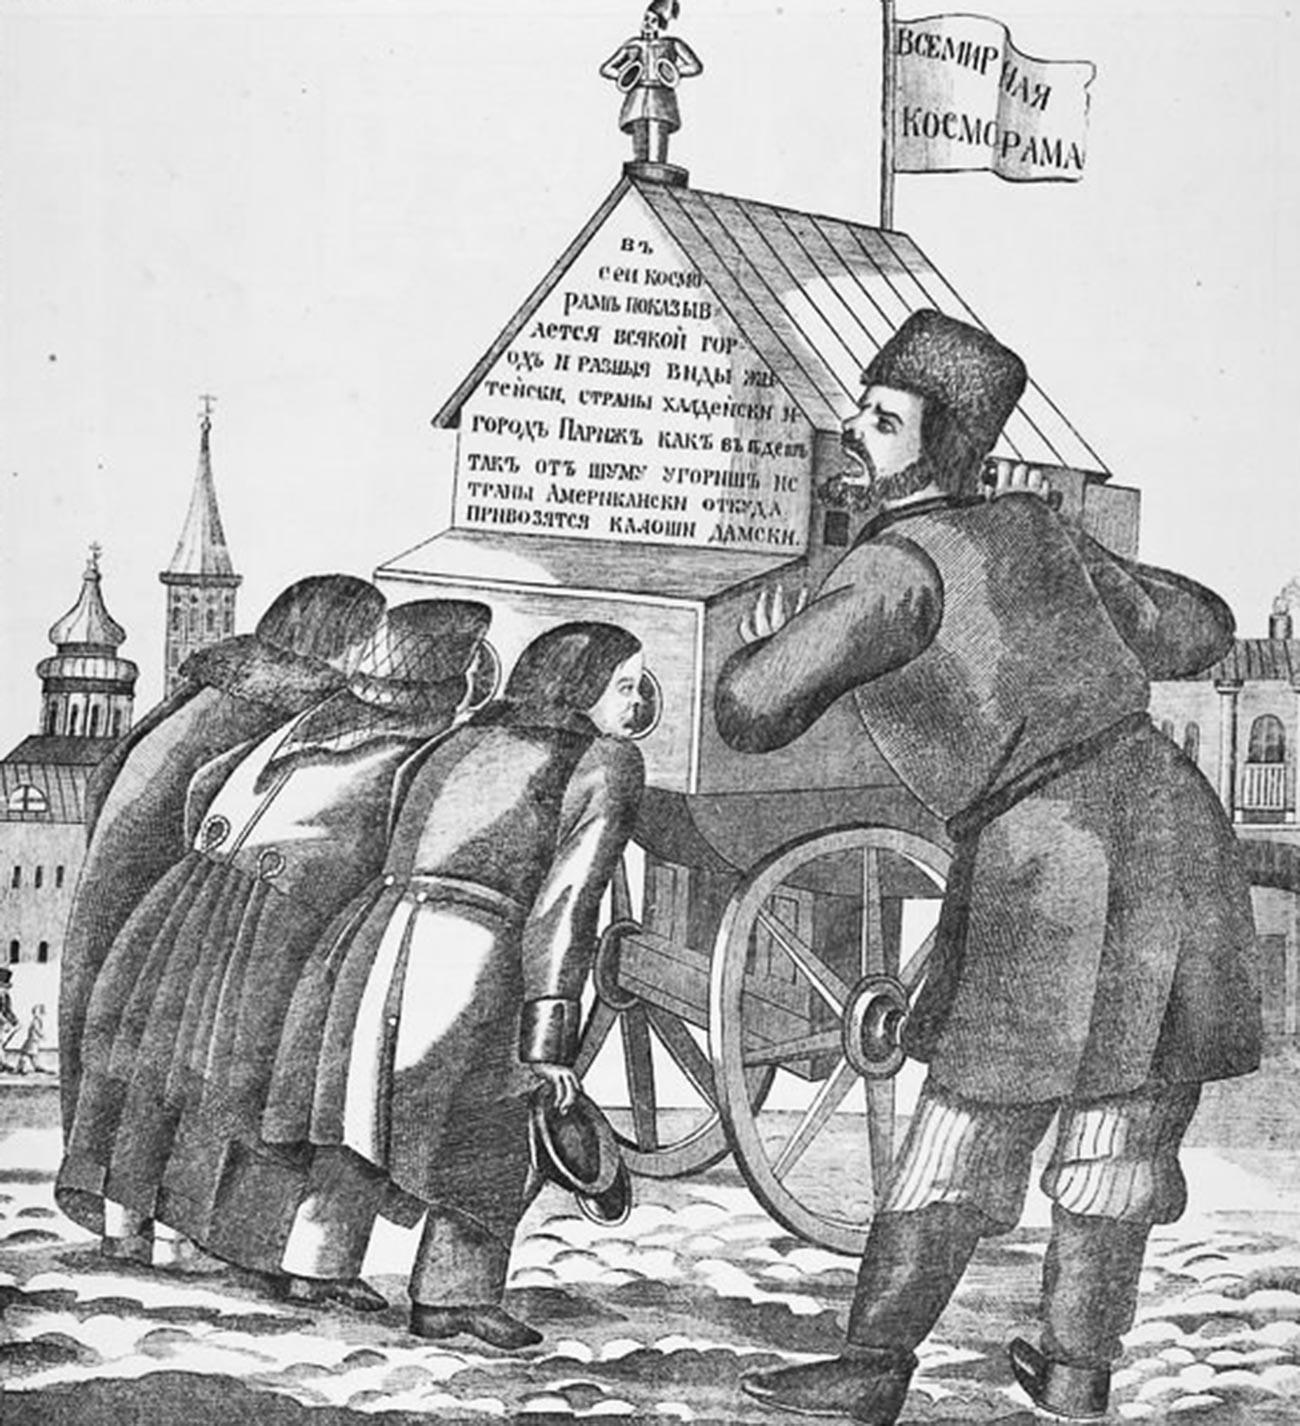 """Um """"raiók"""" e seu operador em gravura do século 19."""